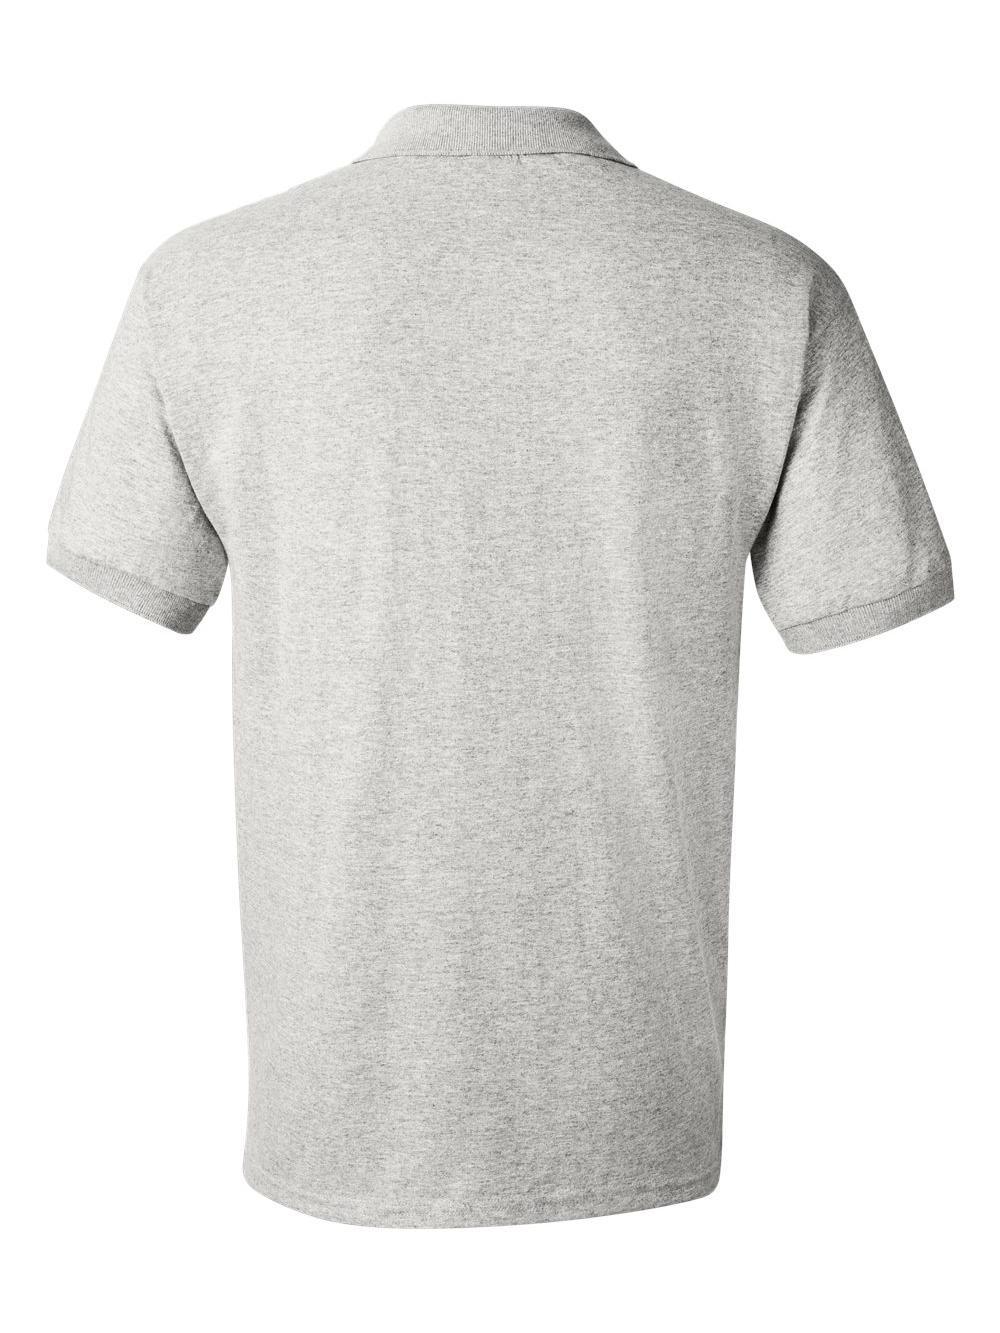 Gildan-DryBlend-Jersey-Sport-Shirt-8800 thumbnail 4